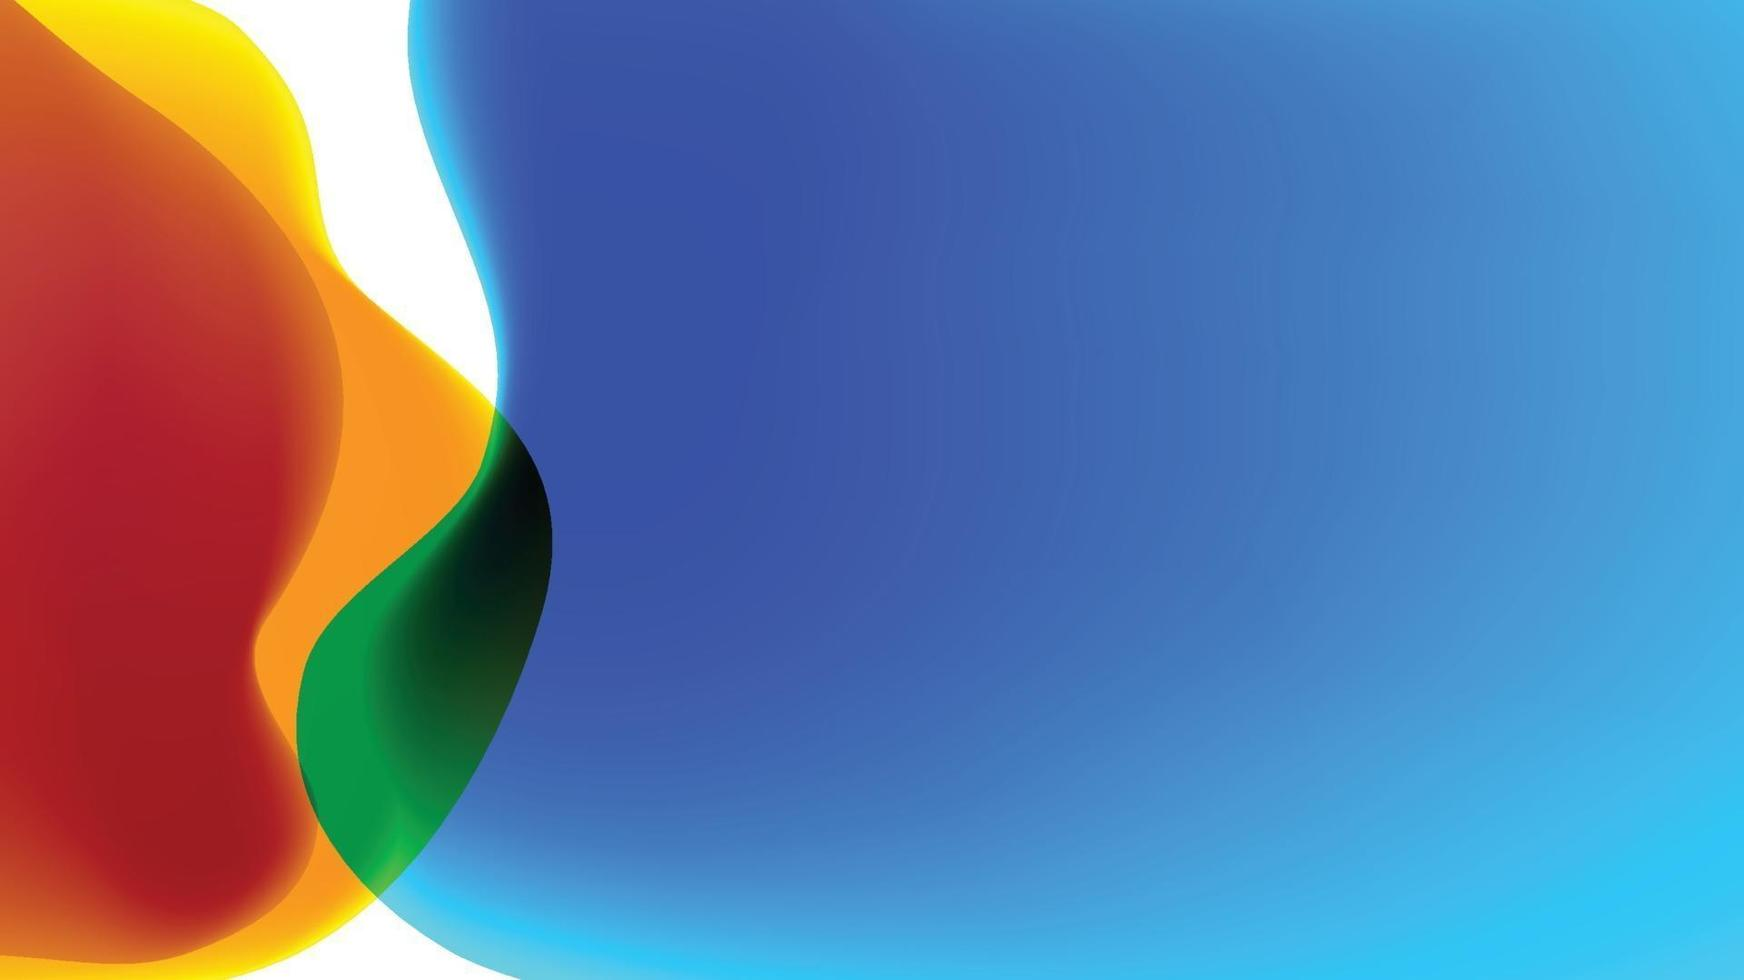 image de fond colorée avec des mélanges qui se chevauchent vecteur